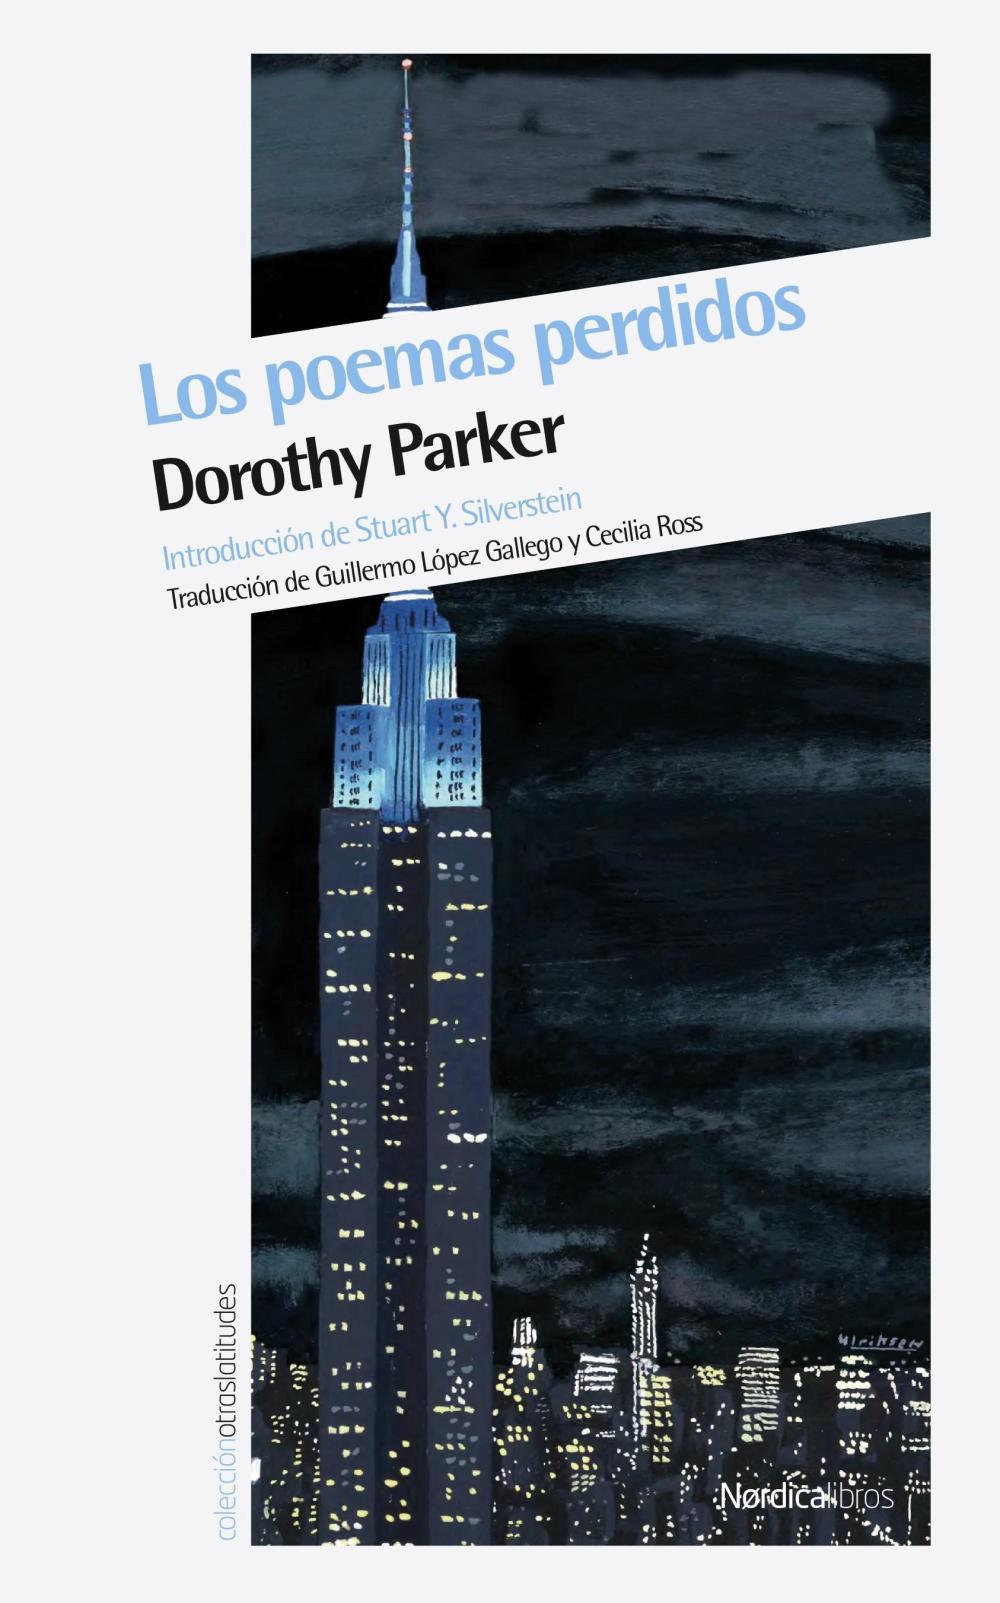 Los poemas perdidos